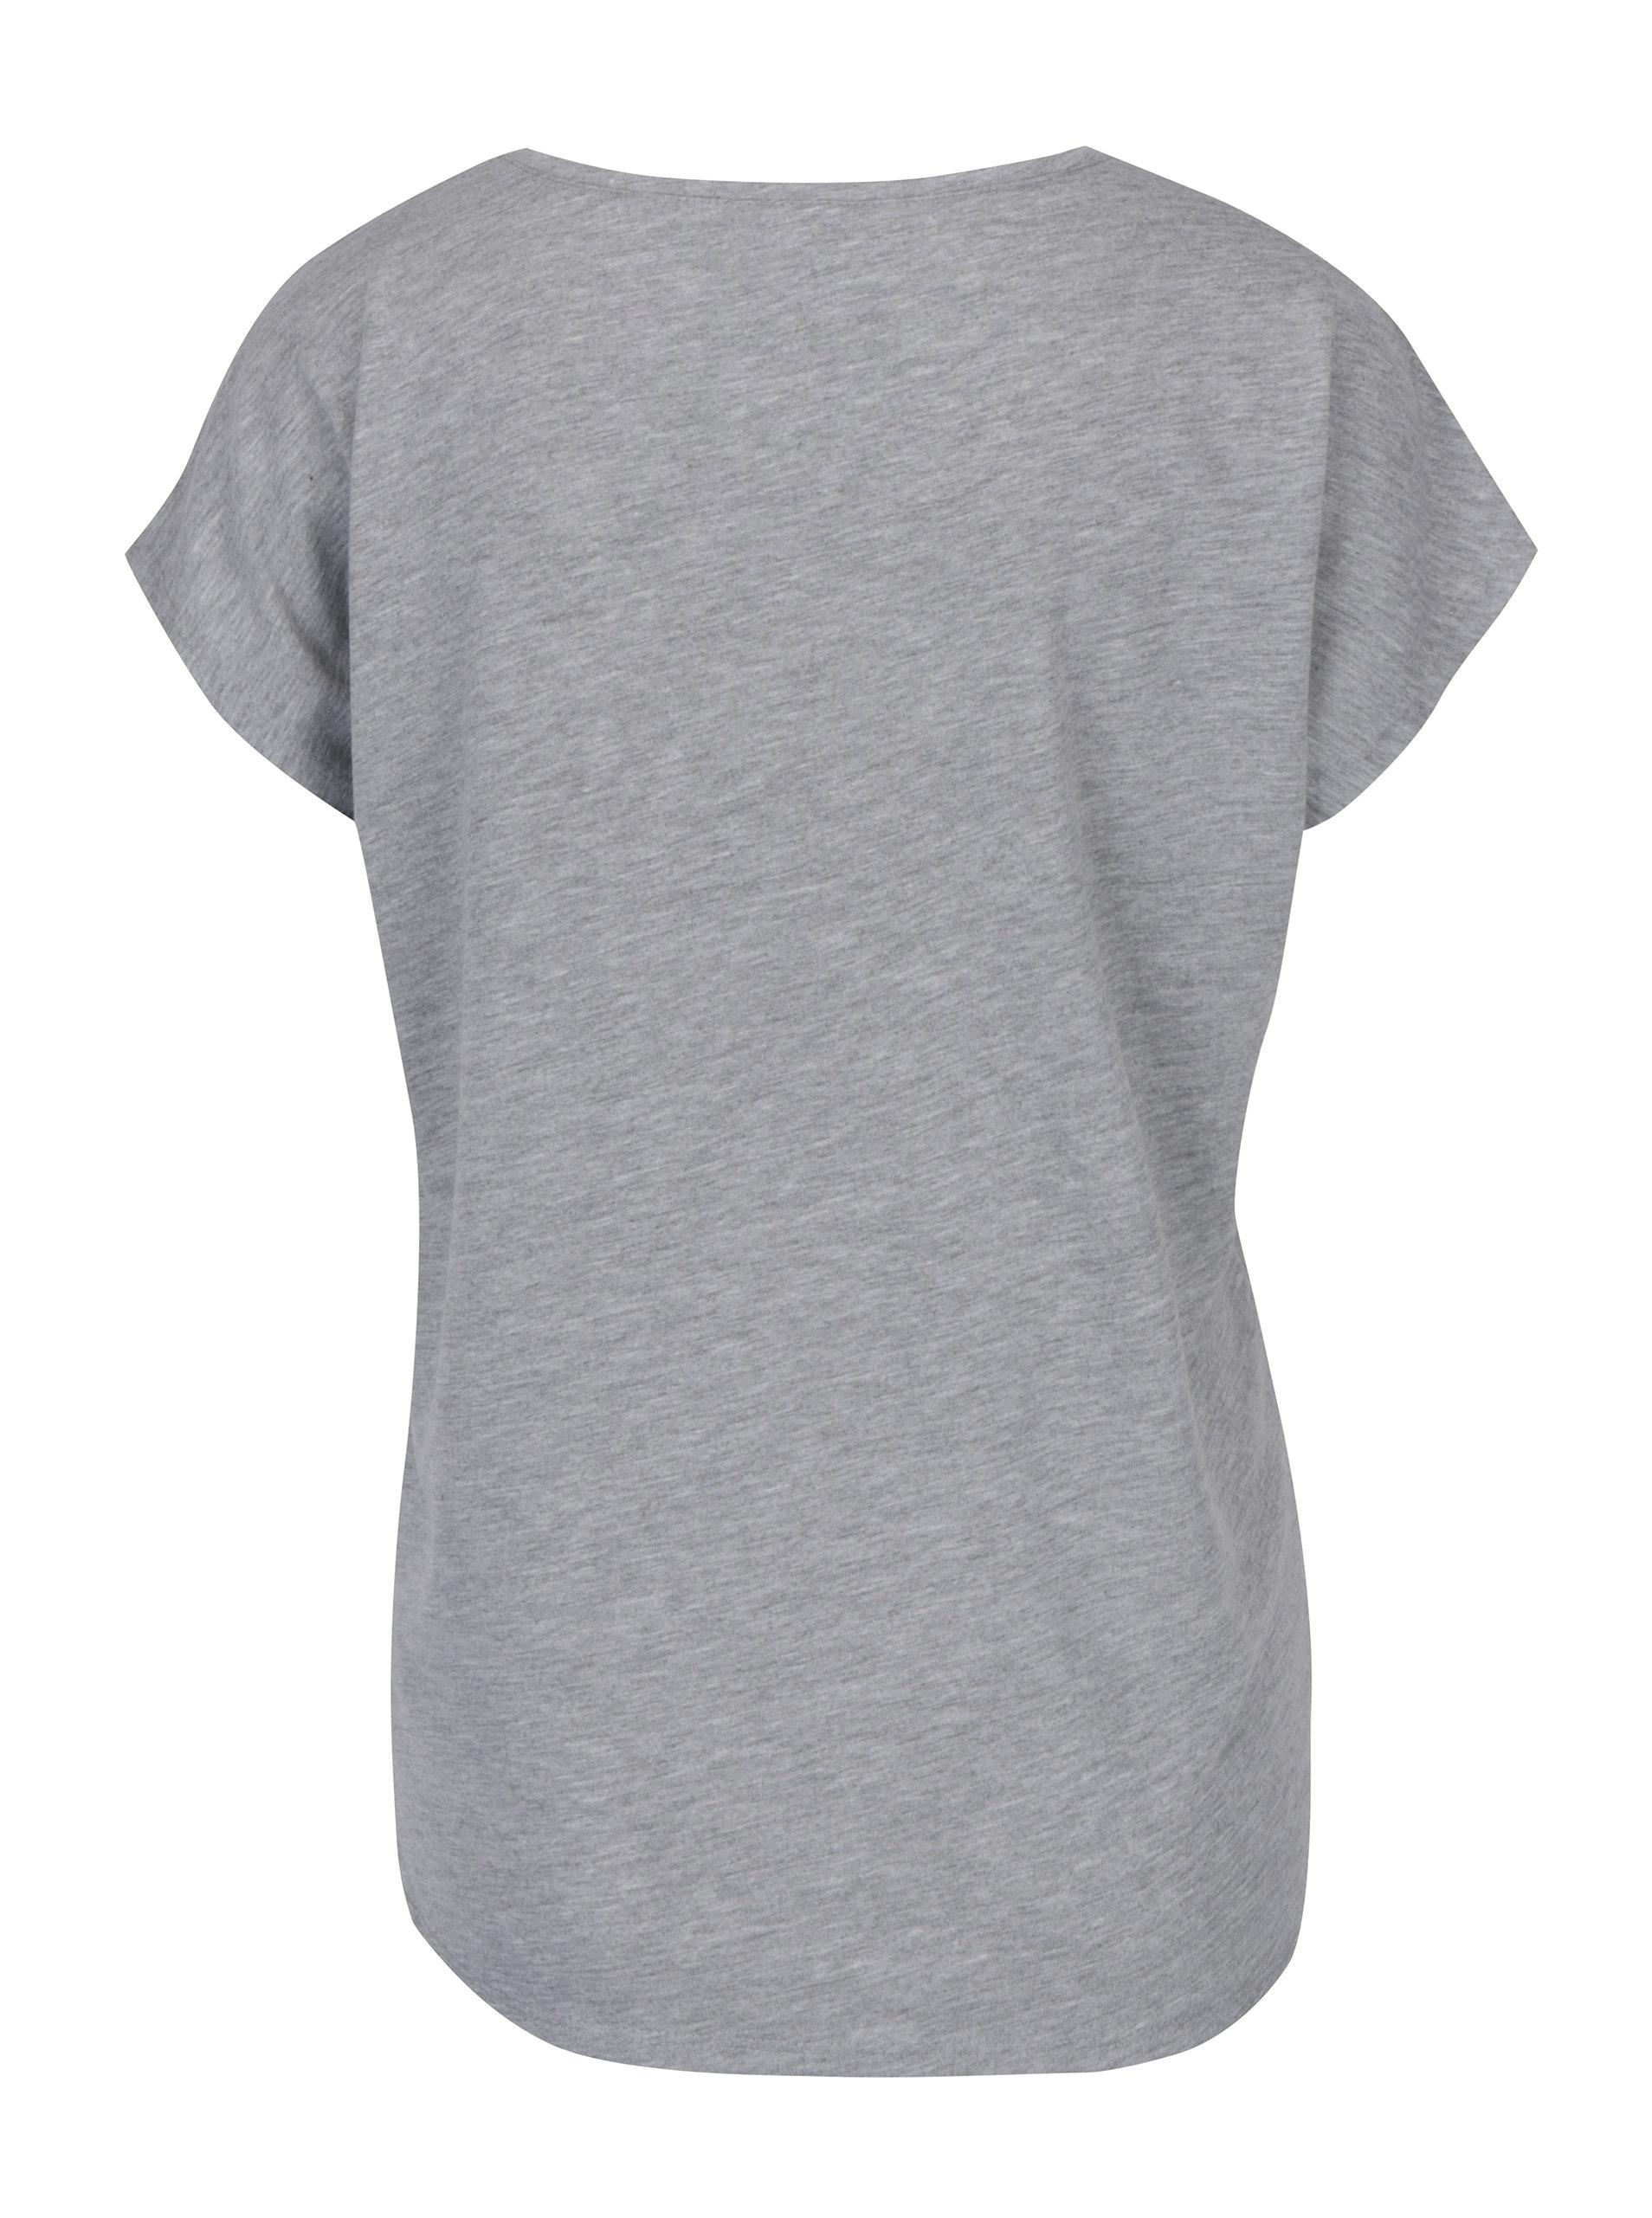 3c7263d089 Šedé tričko s potiskem Haily´s Couple ...